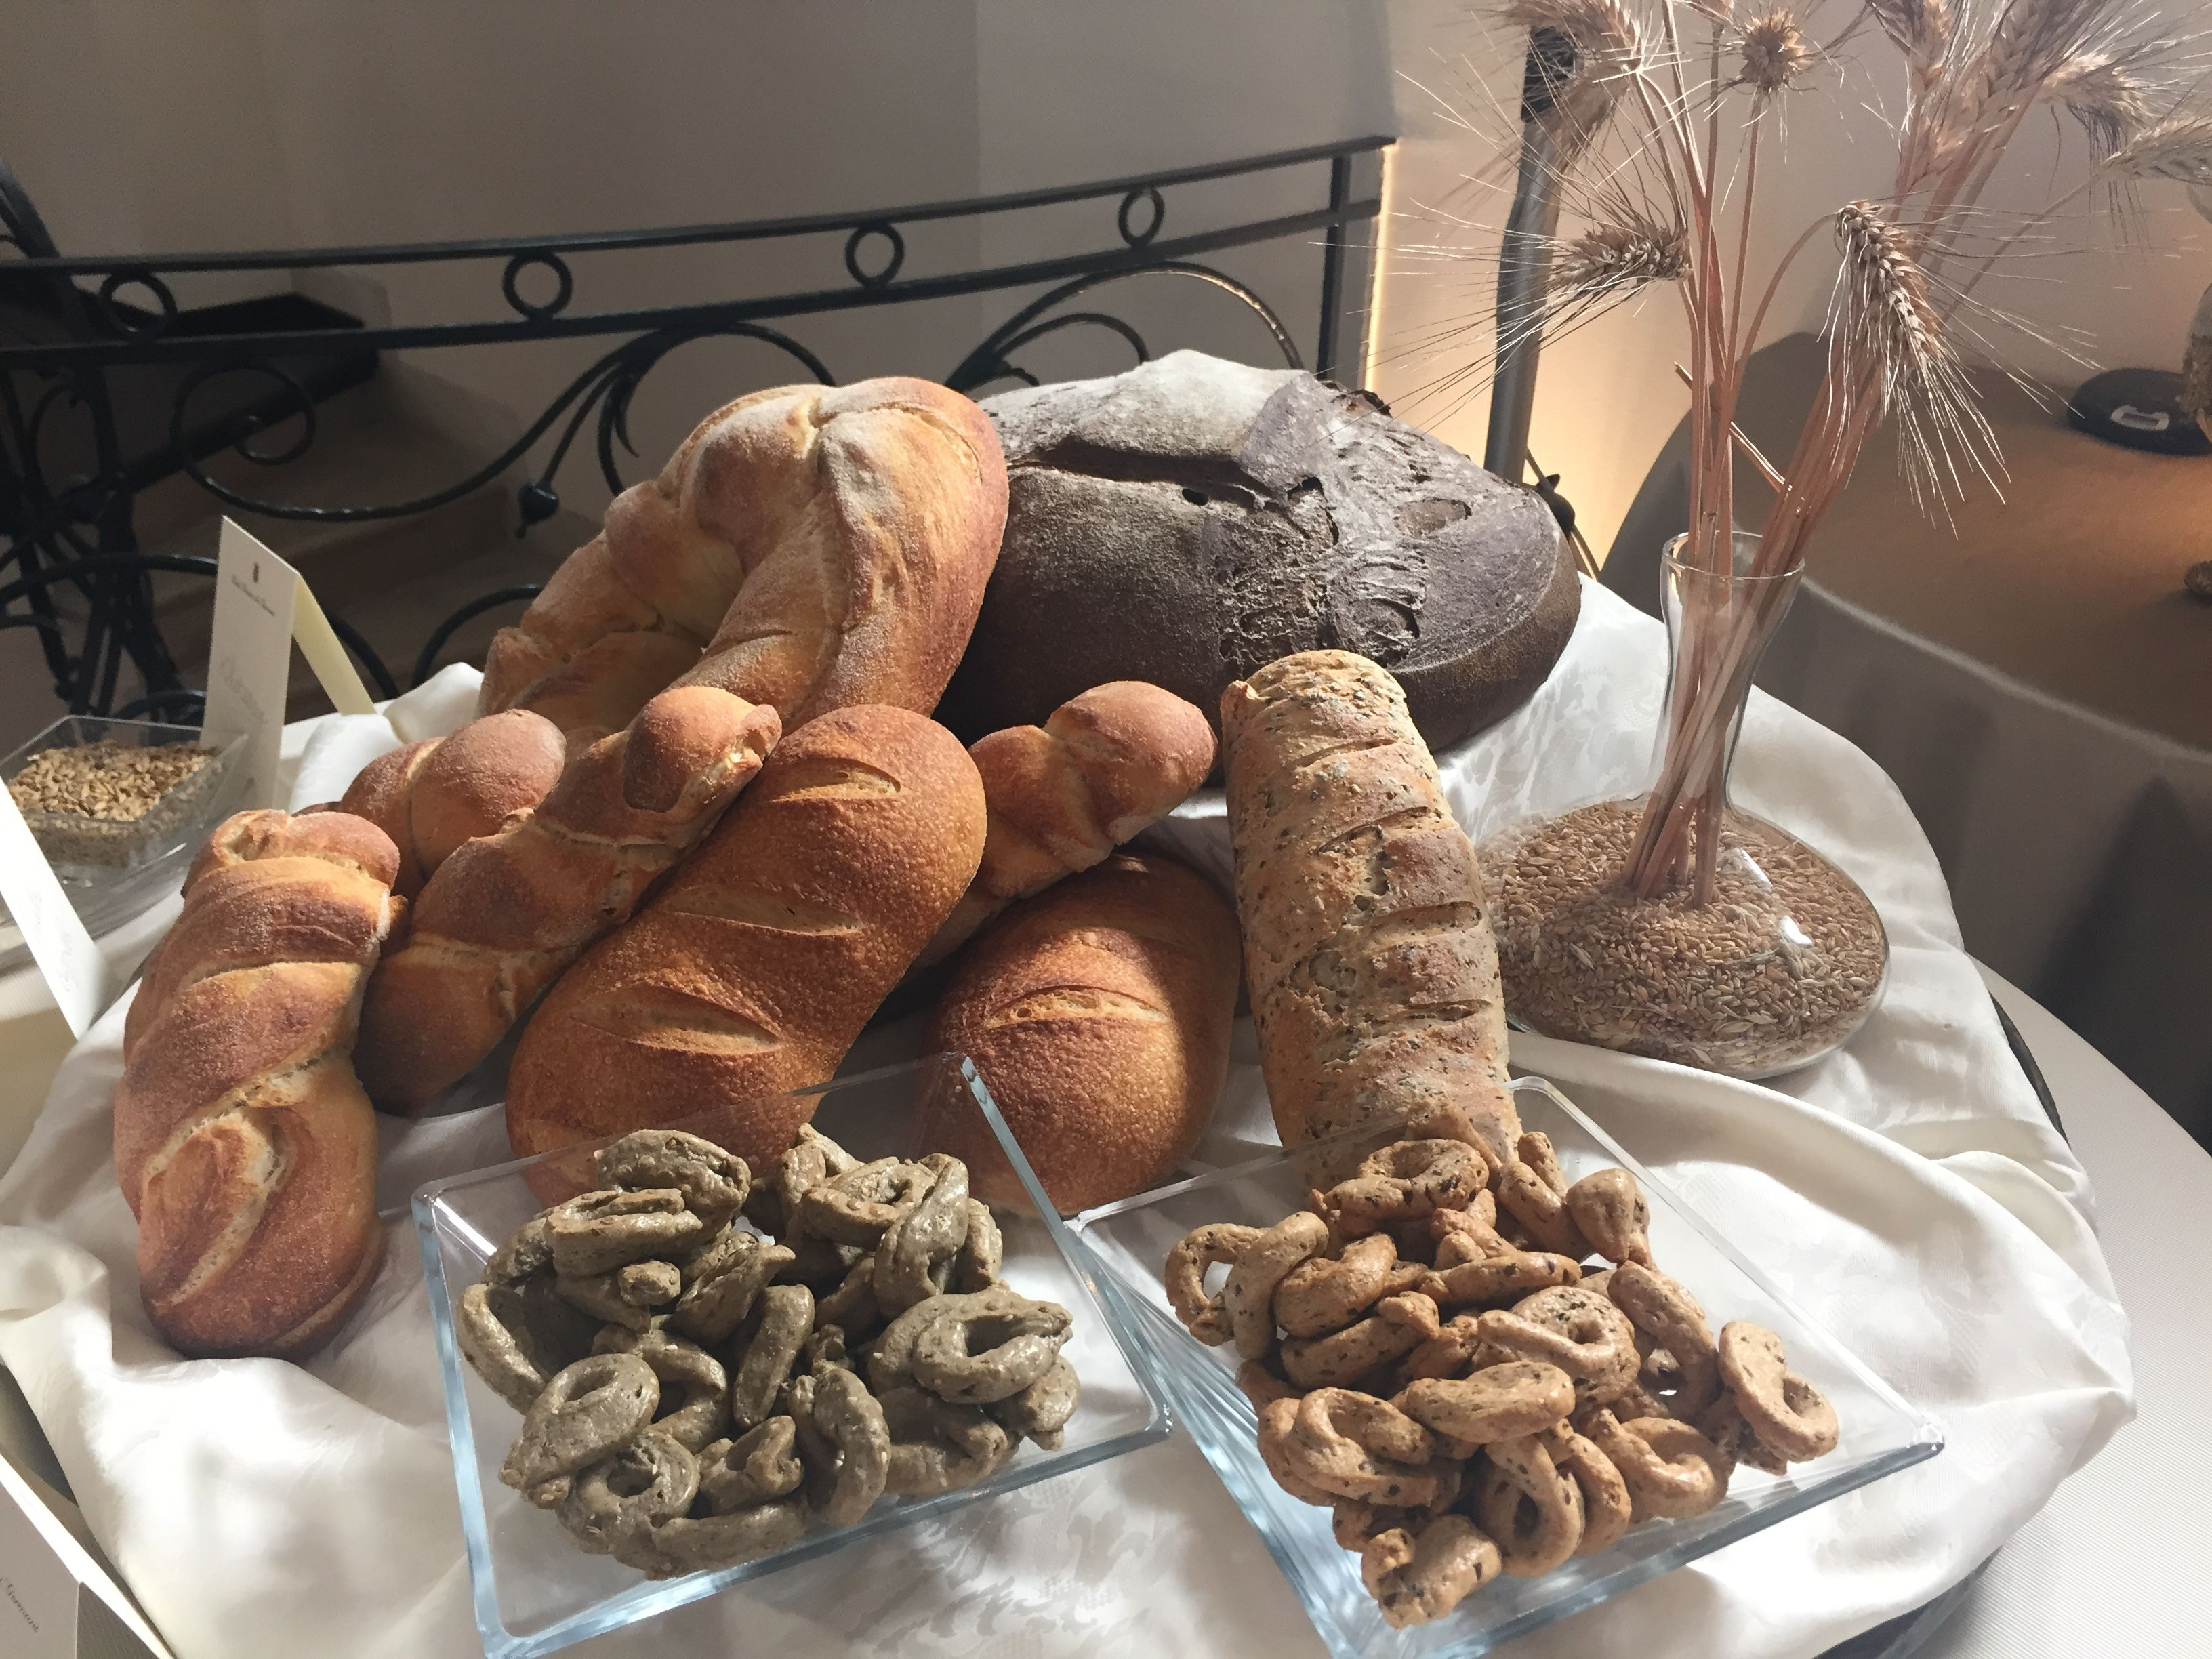 Farine, lieviti e prodotti da forno  #cortebraccodeigermani #farine #lieviti #bakery #bakedproduct #cookery #cooking